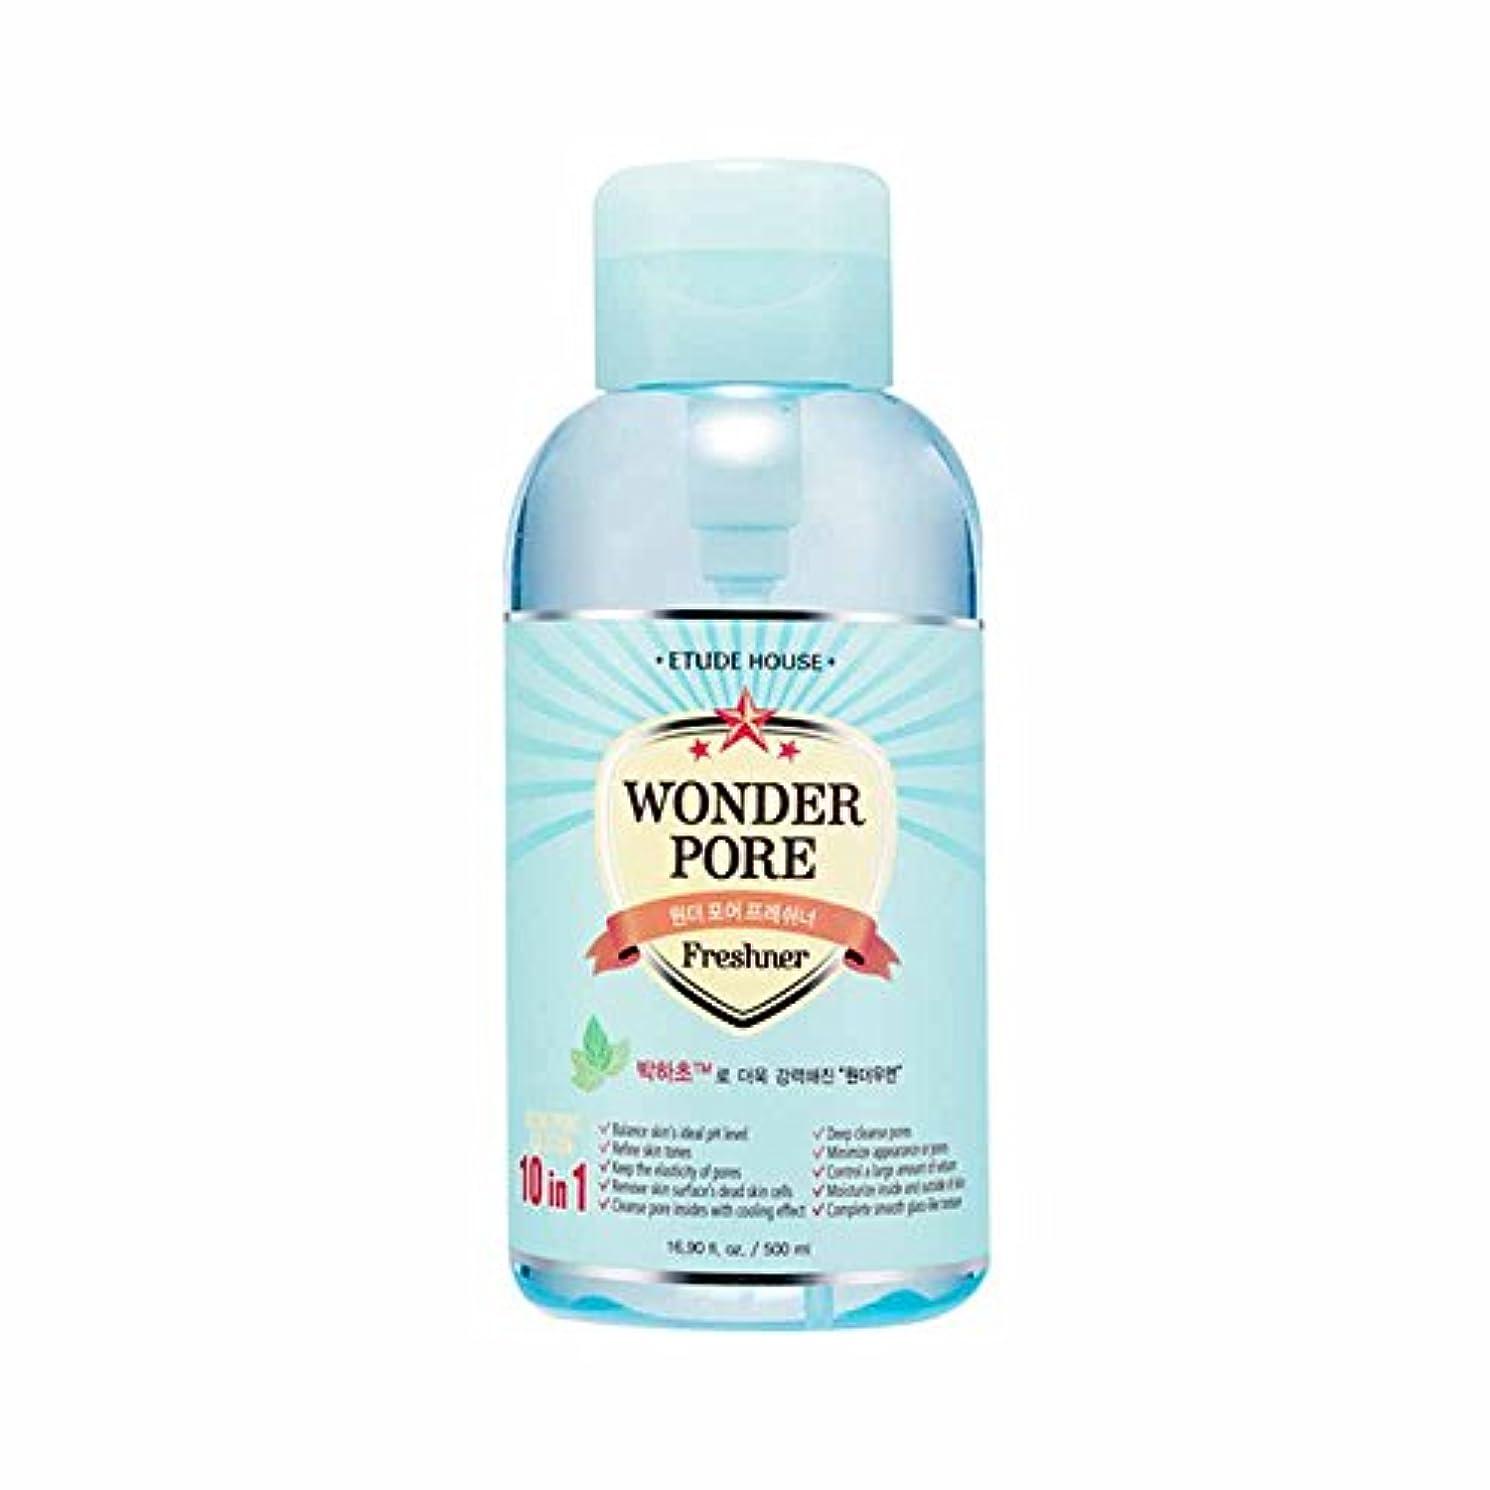 お互い支給エイリアス(6 Pack) ETUDE HOUSE Wonder Pore Freshner 10 in 1,500 mL (並行輸入品)